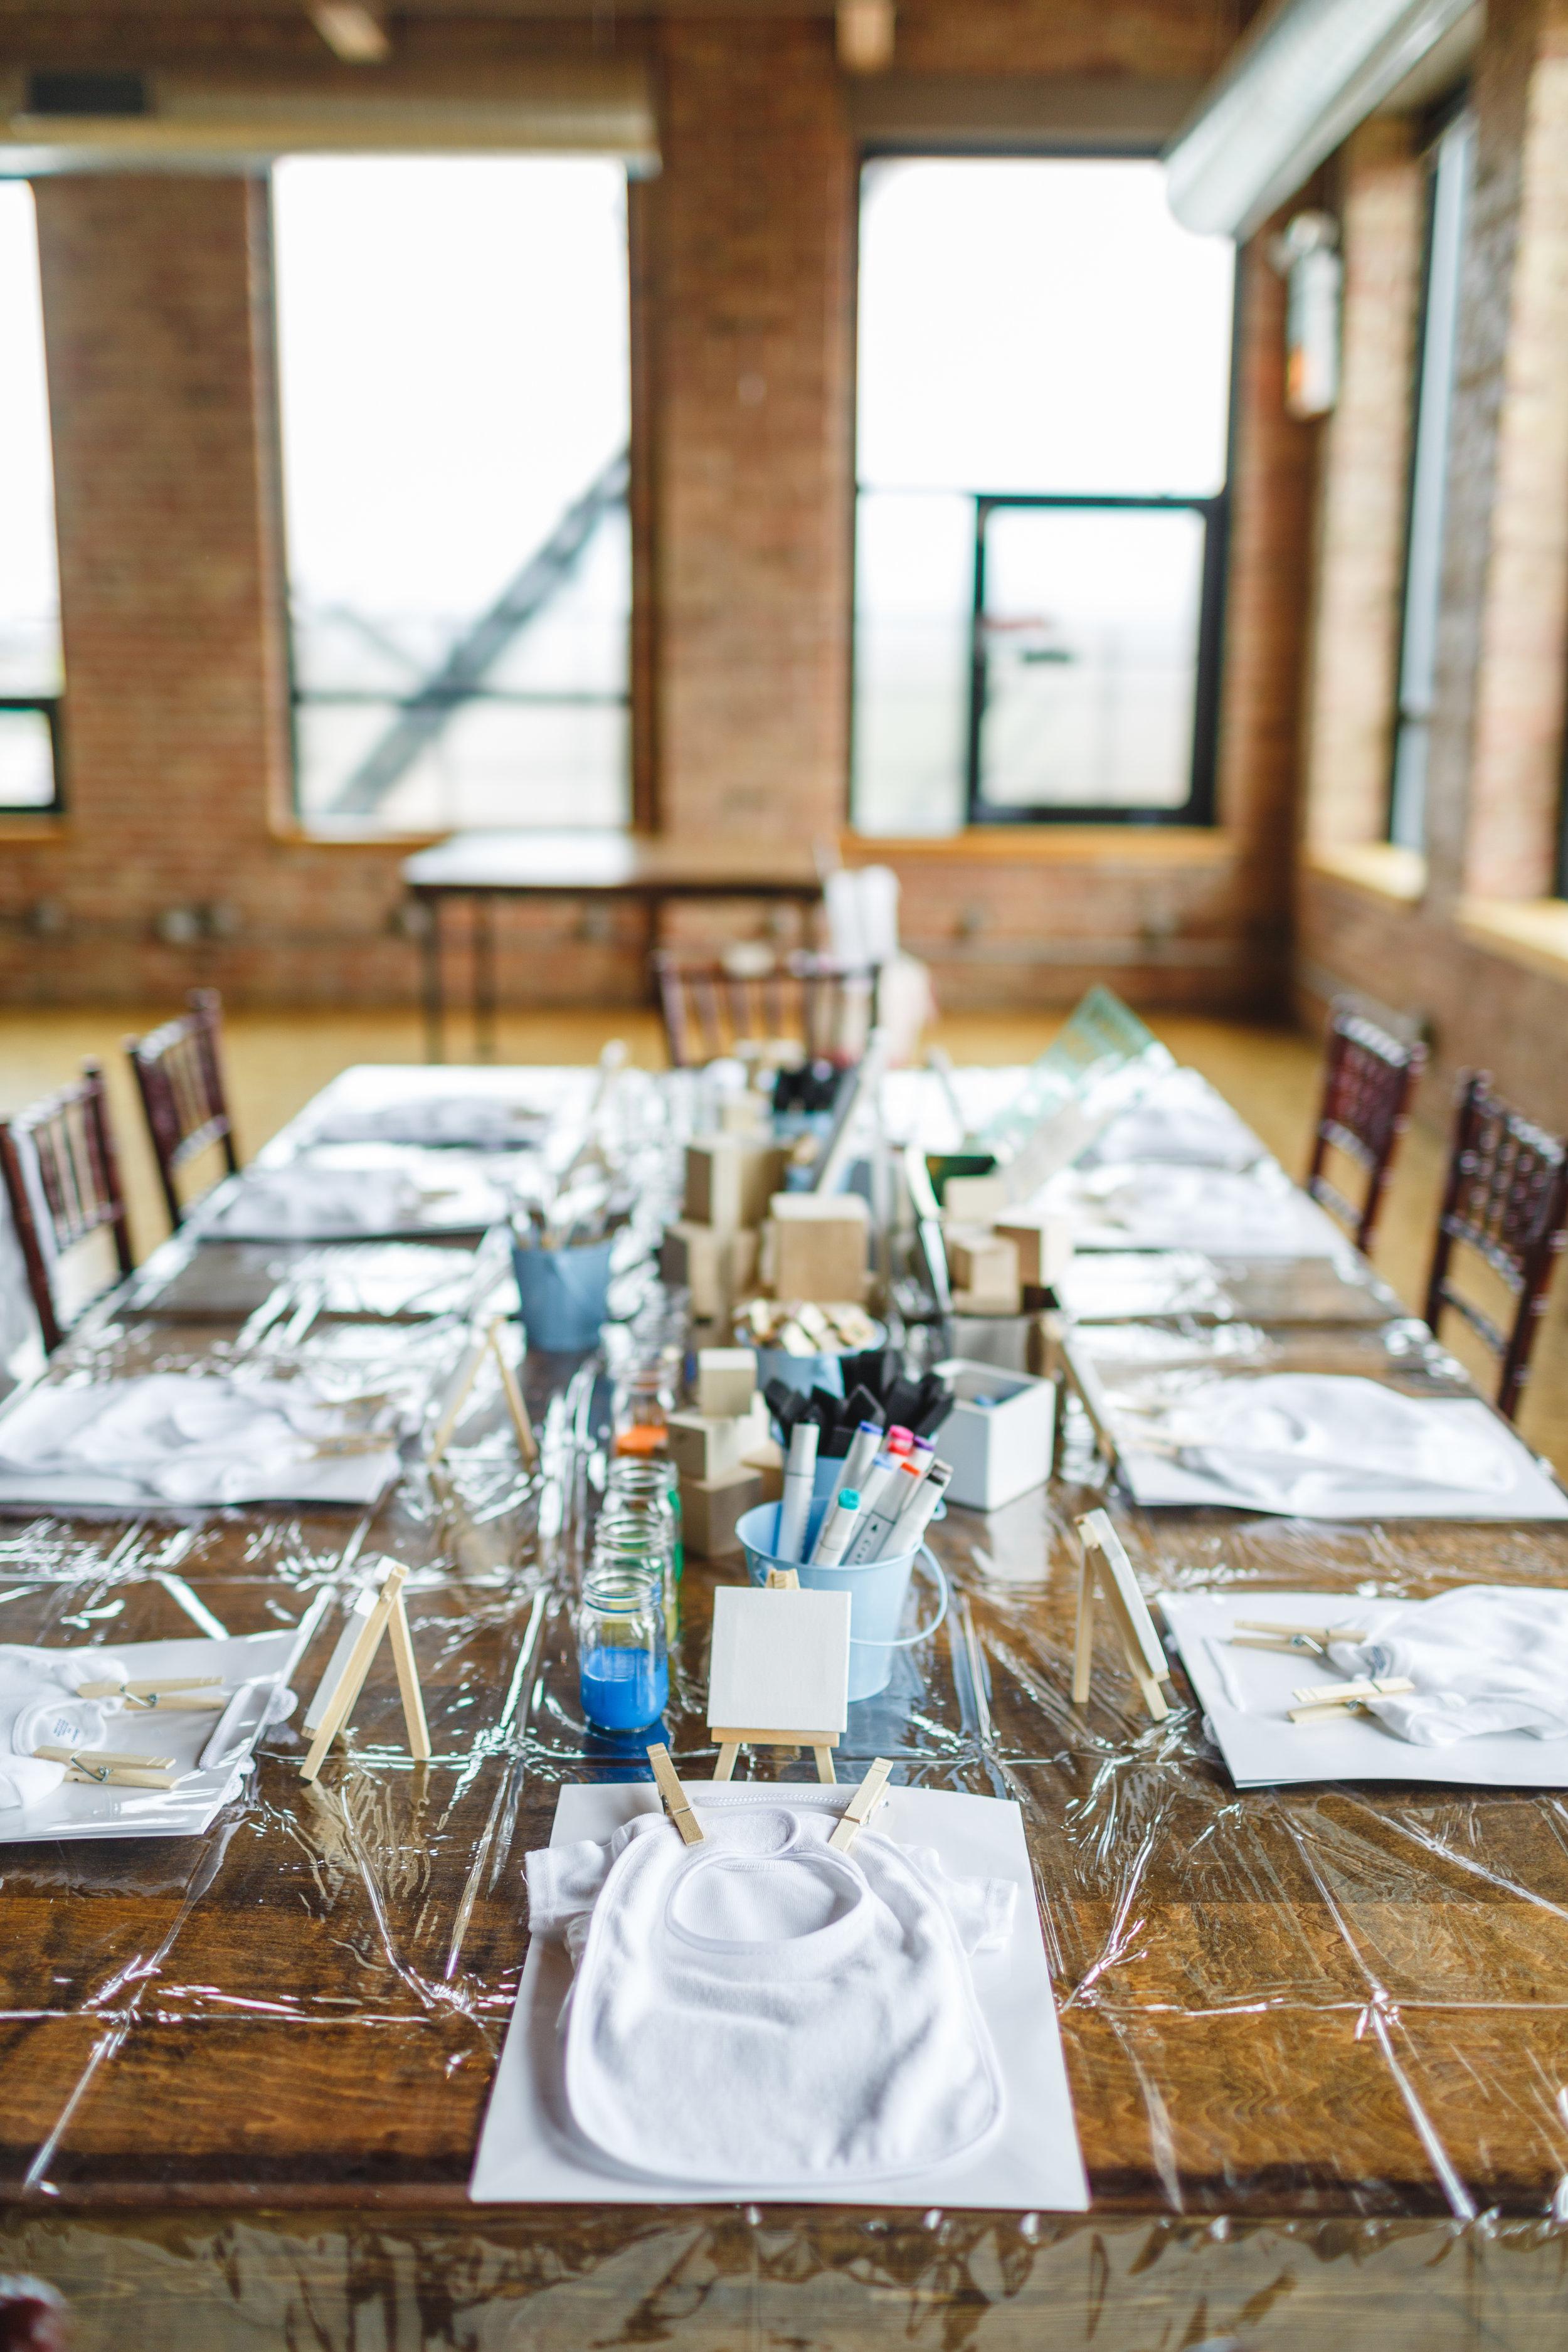 Onesie Decorating Table